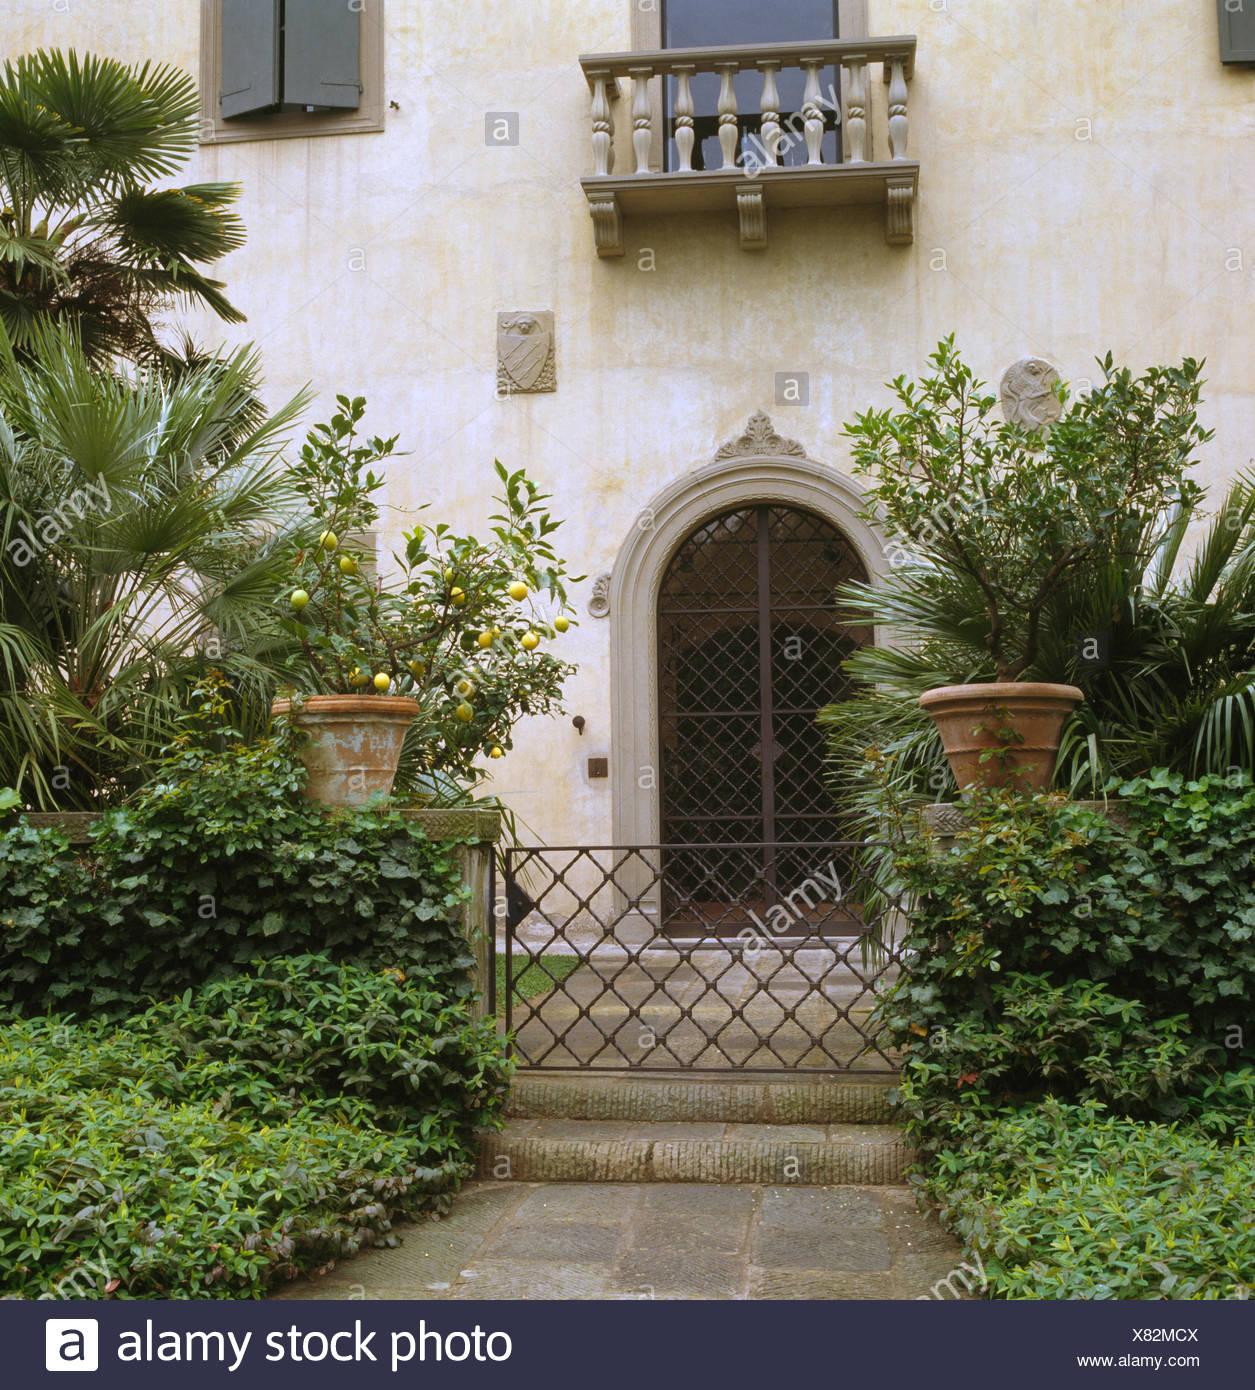 Metalltor Im Garten Des Großen Toskanischen Villa Stockfoto Bild